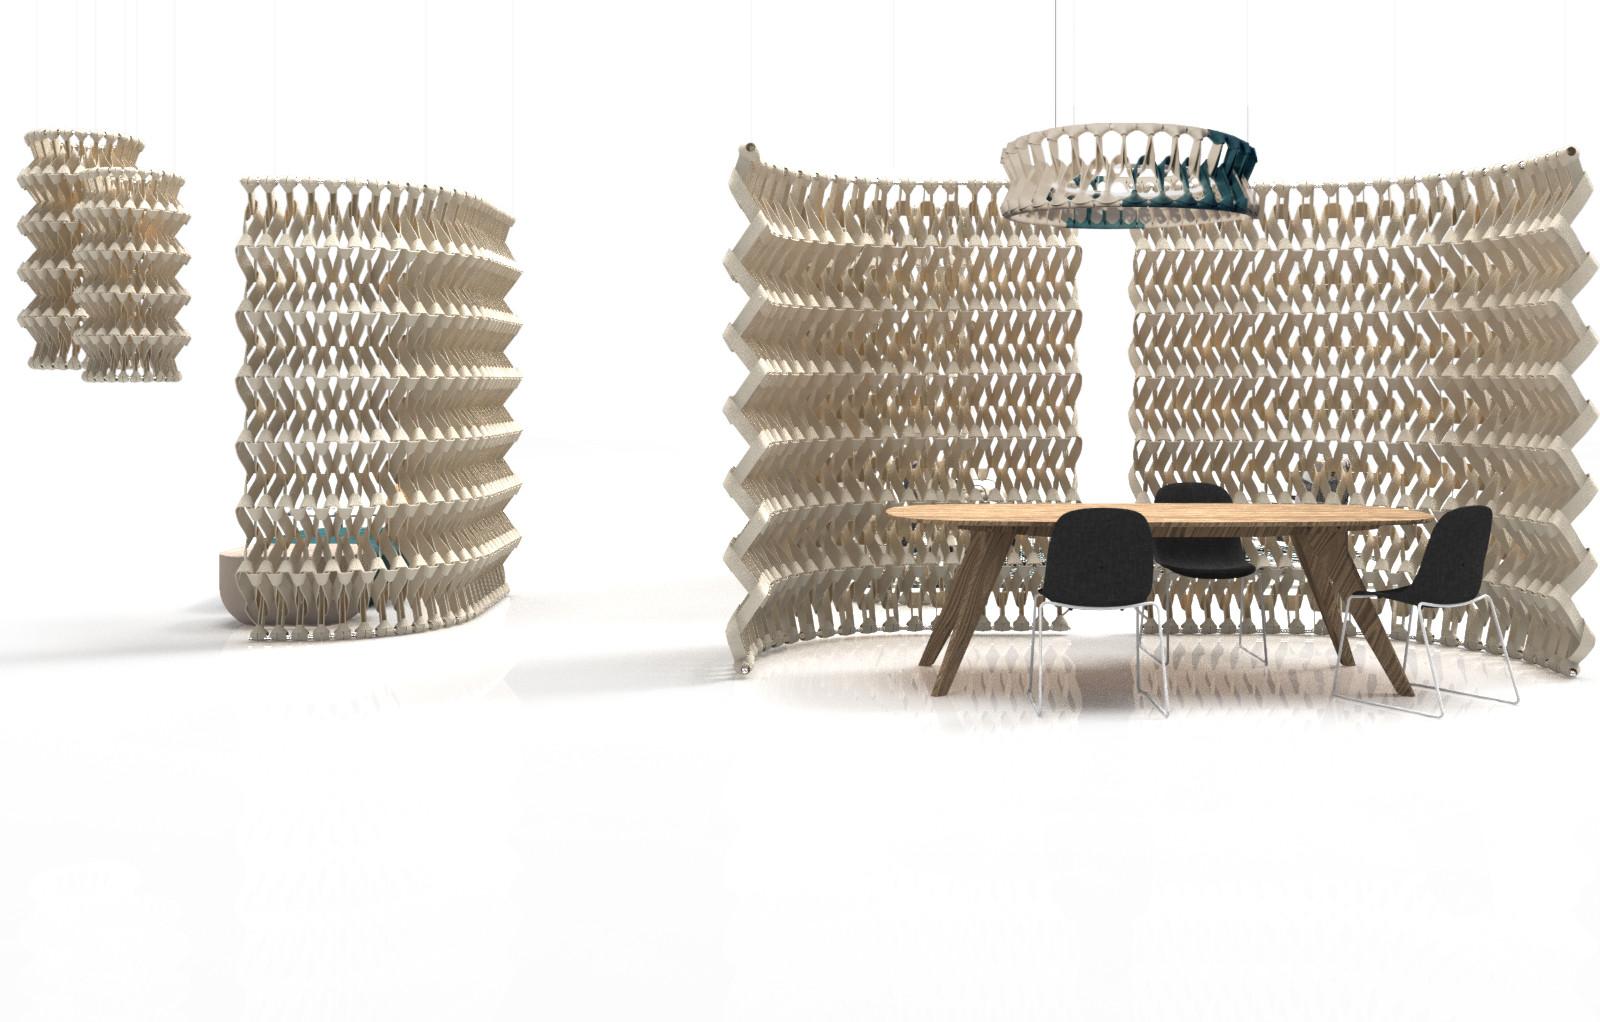 PLECTERE acoustic textiles inspiration 3